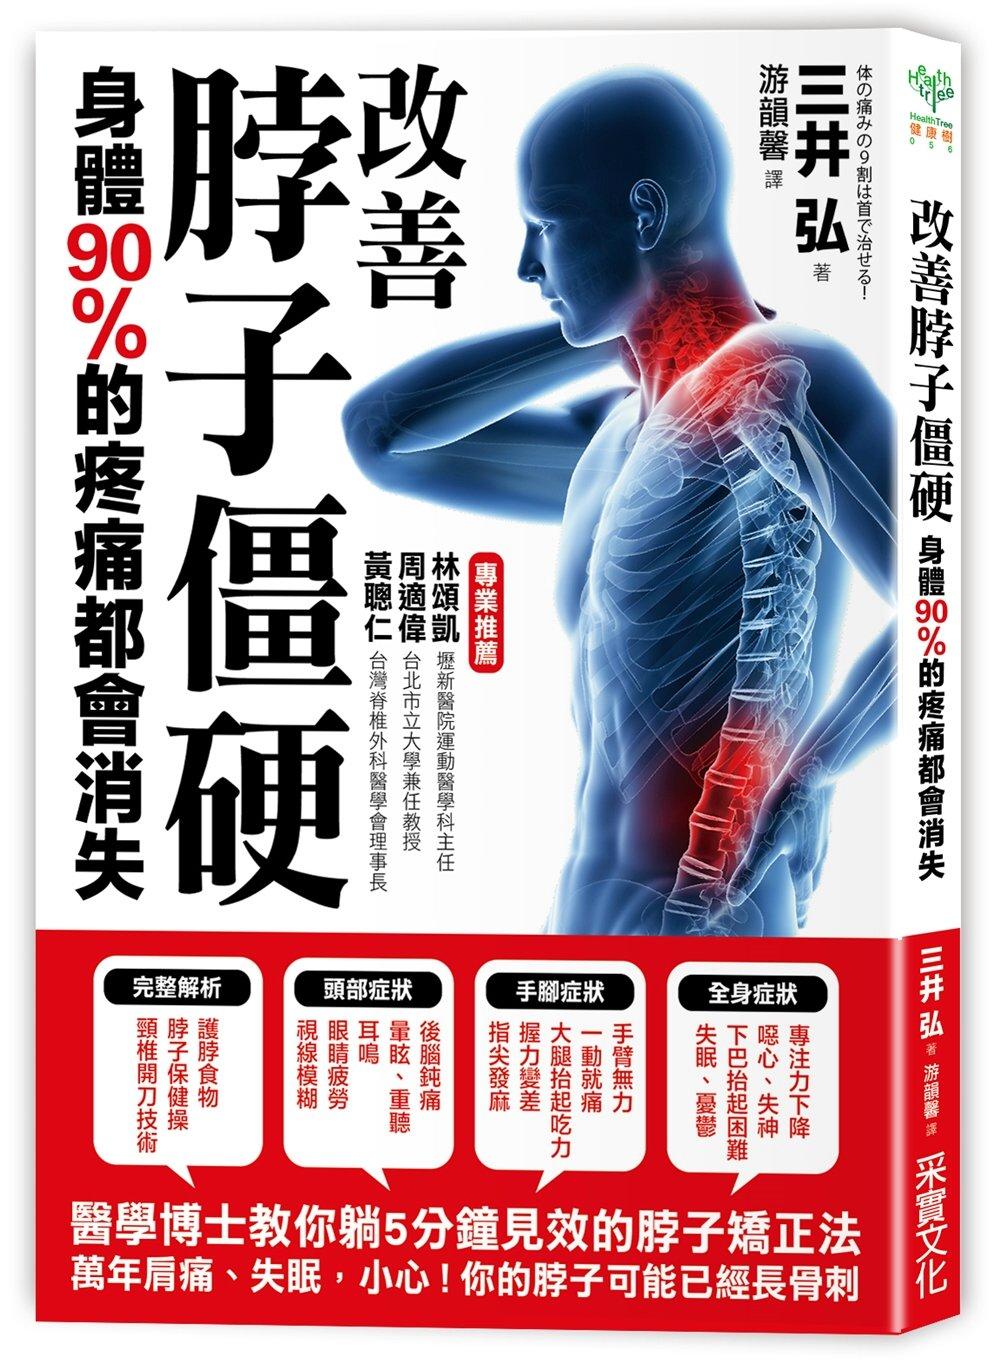 改善脖子僵硬,身體90%的疼痛都會消失:醫學博士教你躺五分鐘即可見效的「脖子矯正法」